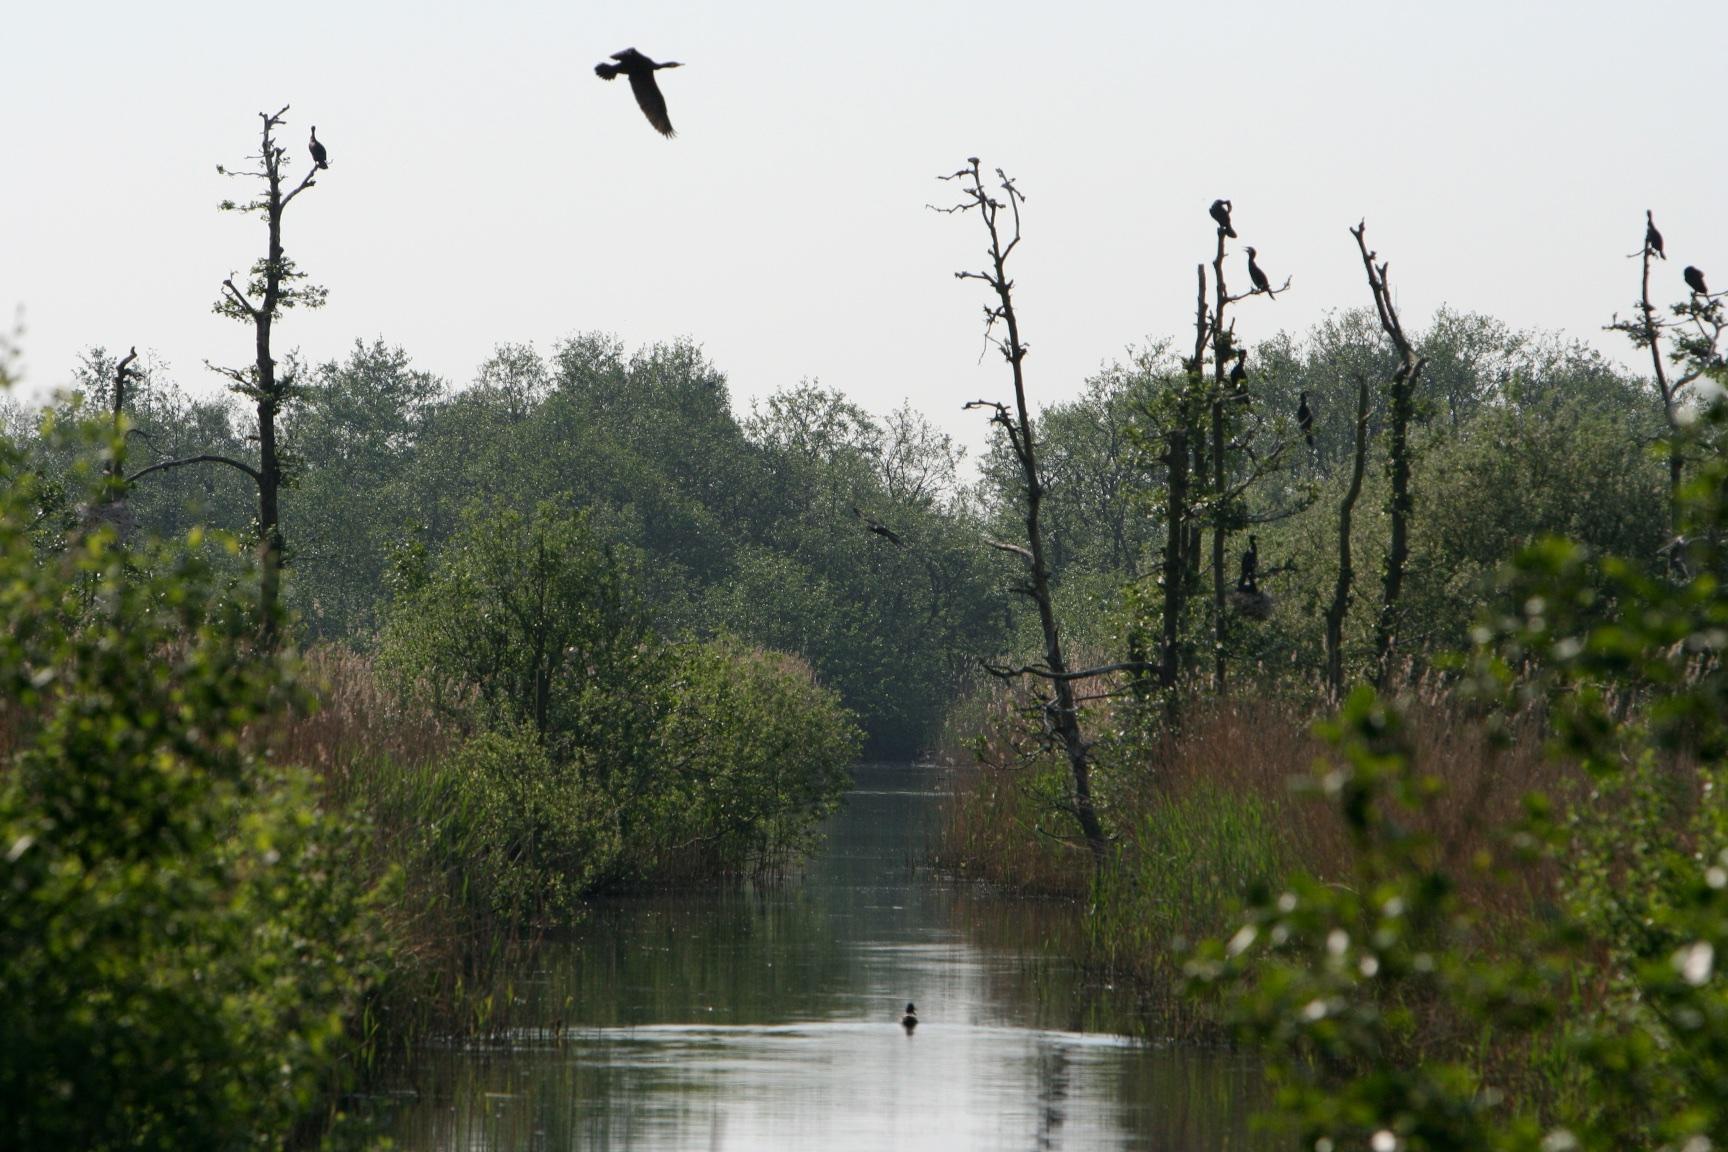 De watergangen van het Naardermeer werden ooit gegraven om het gebied te ontginnen tot landbouwgrond